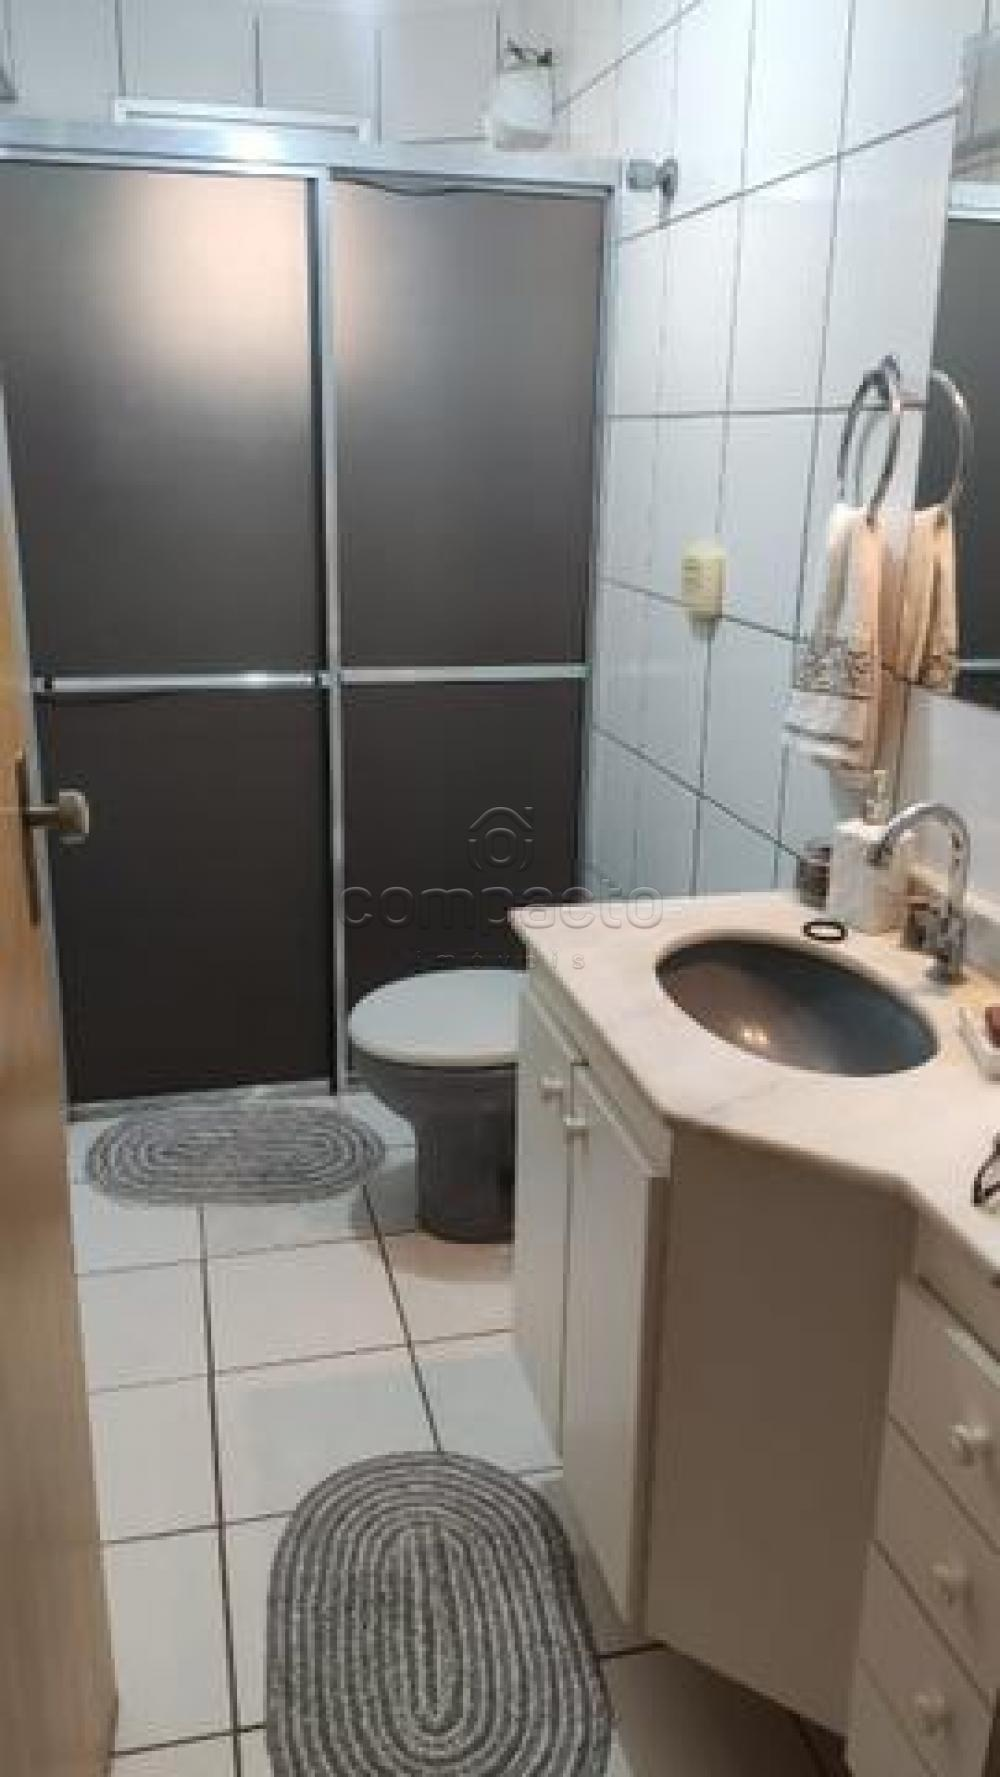 Comprar Apartamento / Padrão em São José do Rio Preto apenas R$ 170.000,00 - Foto 9